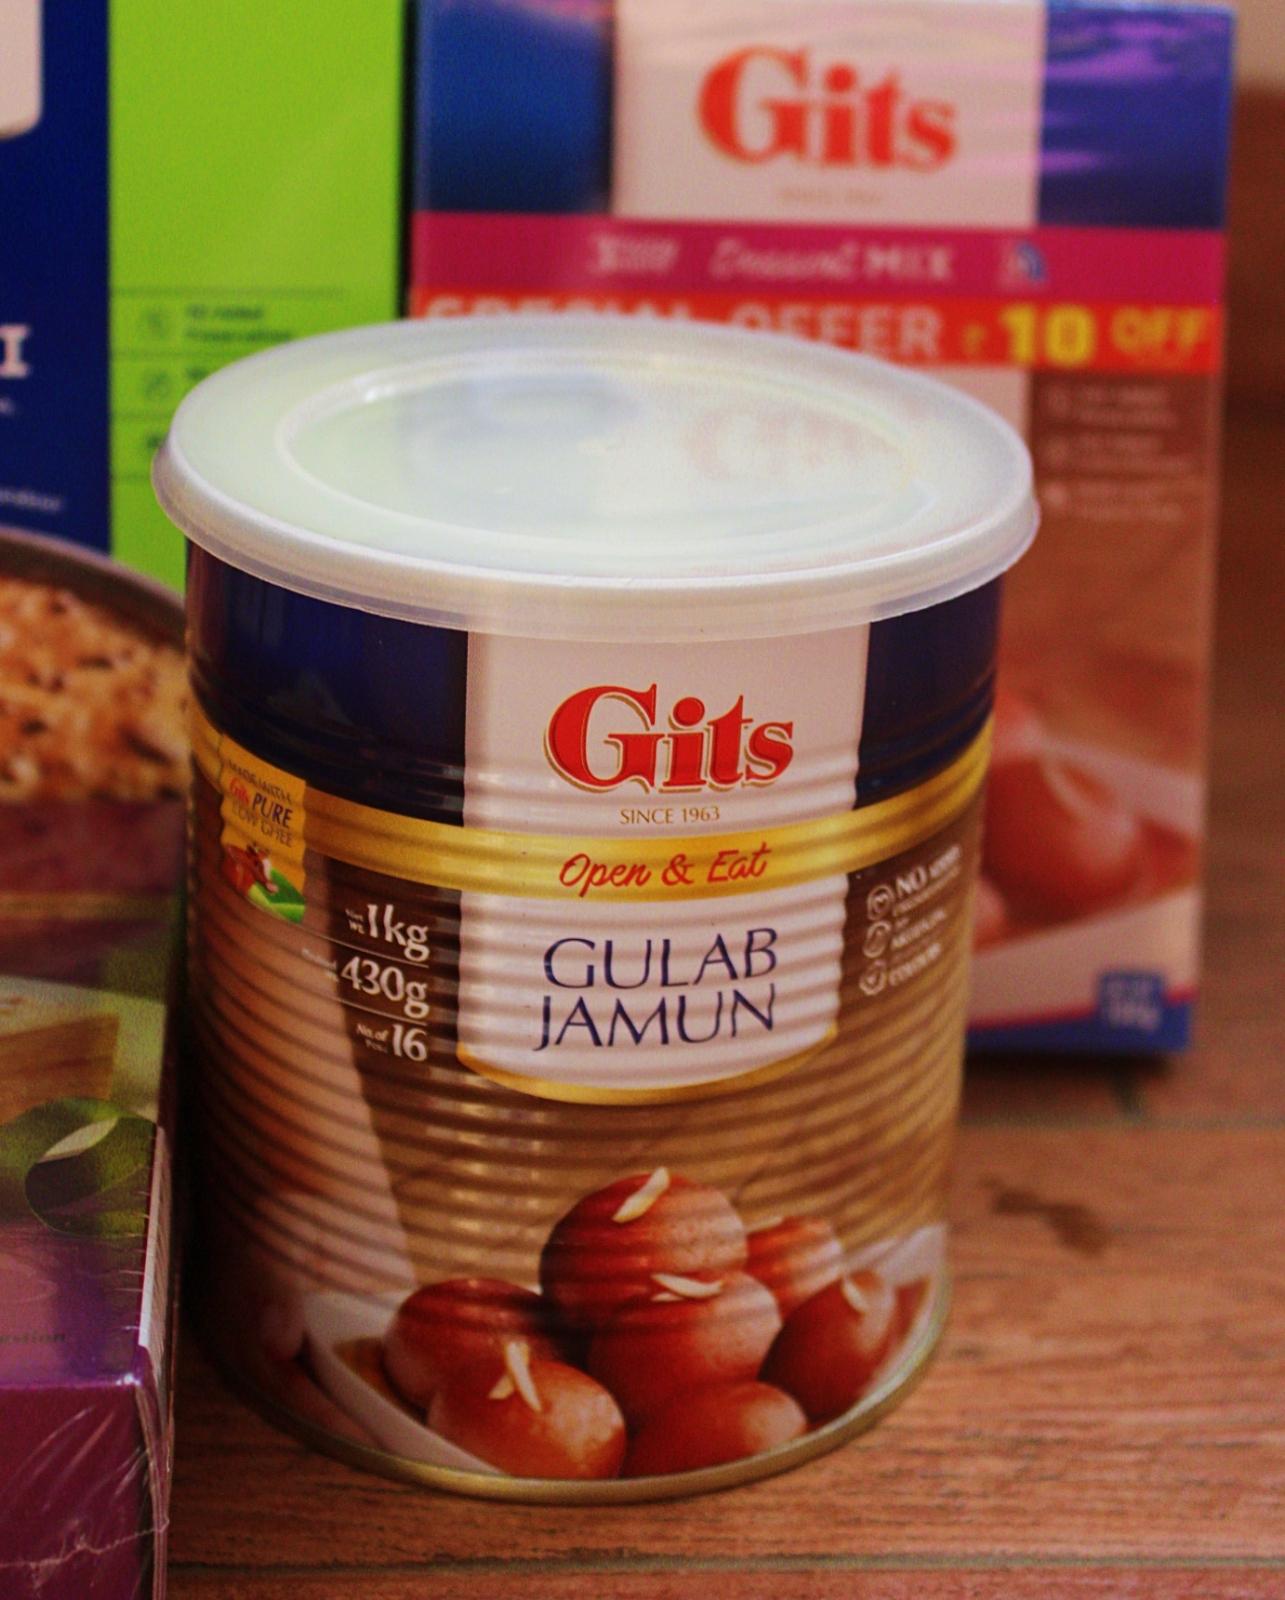 Gits Gulab Jamun